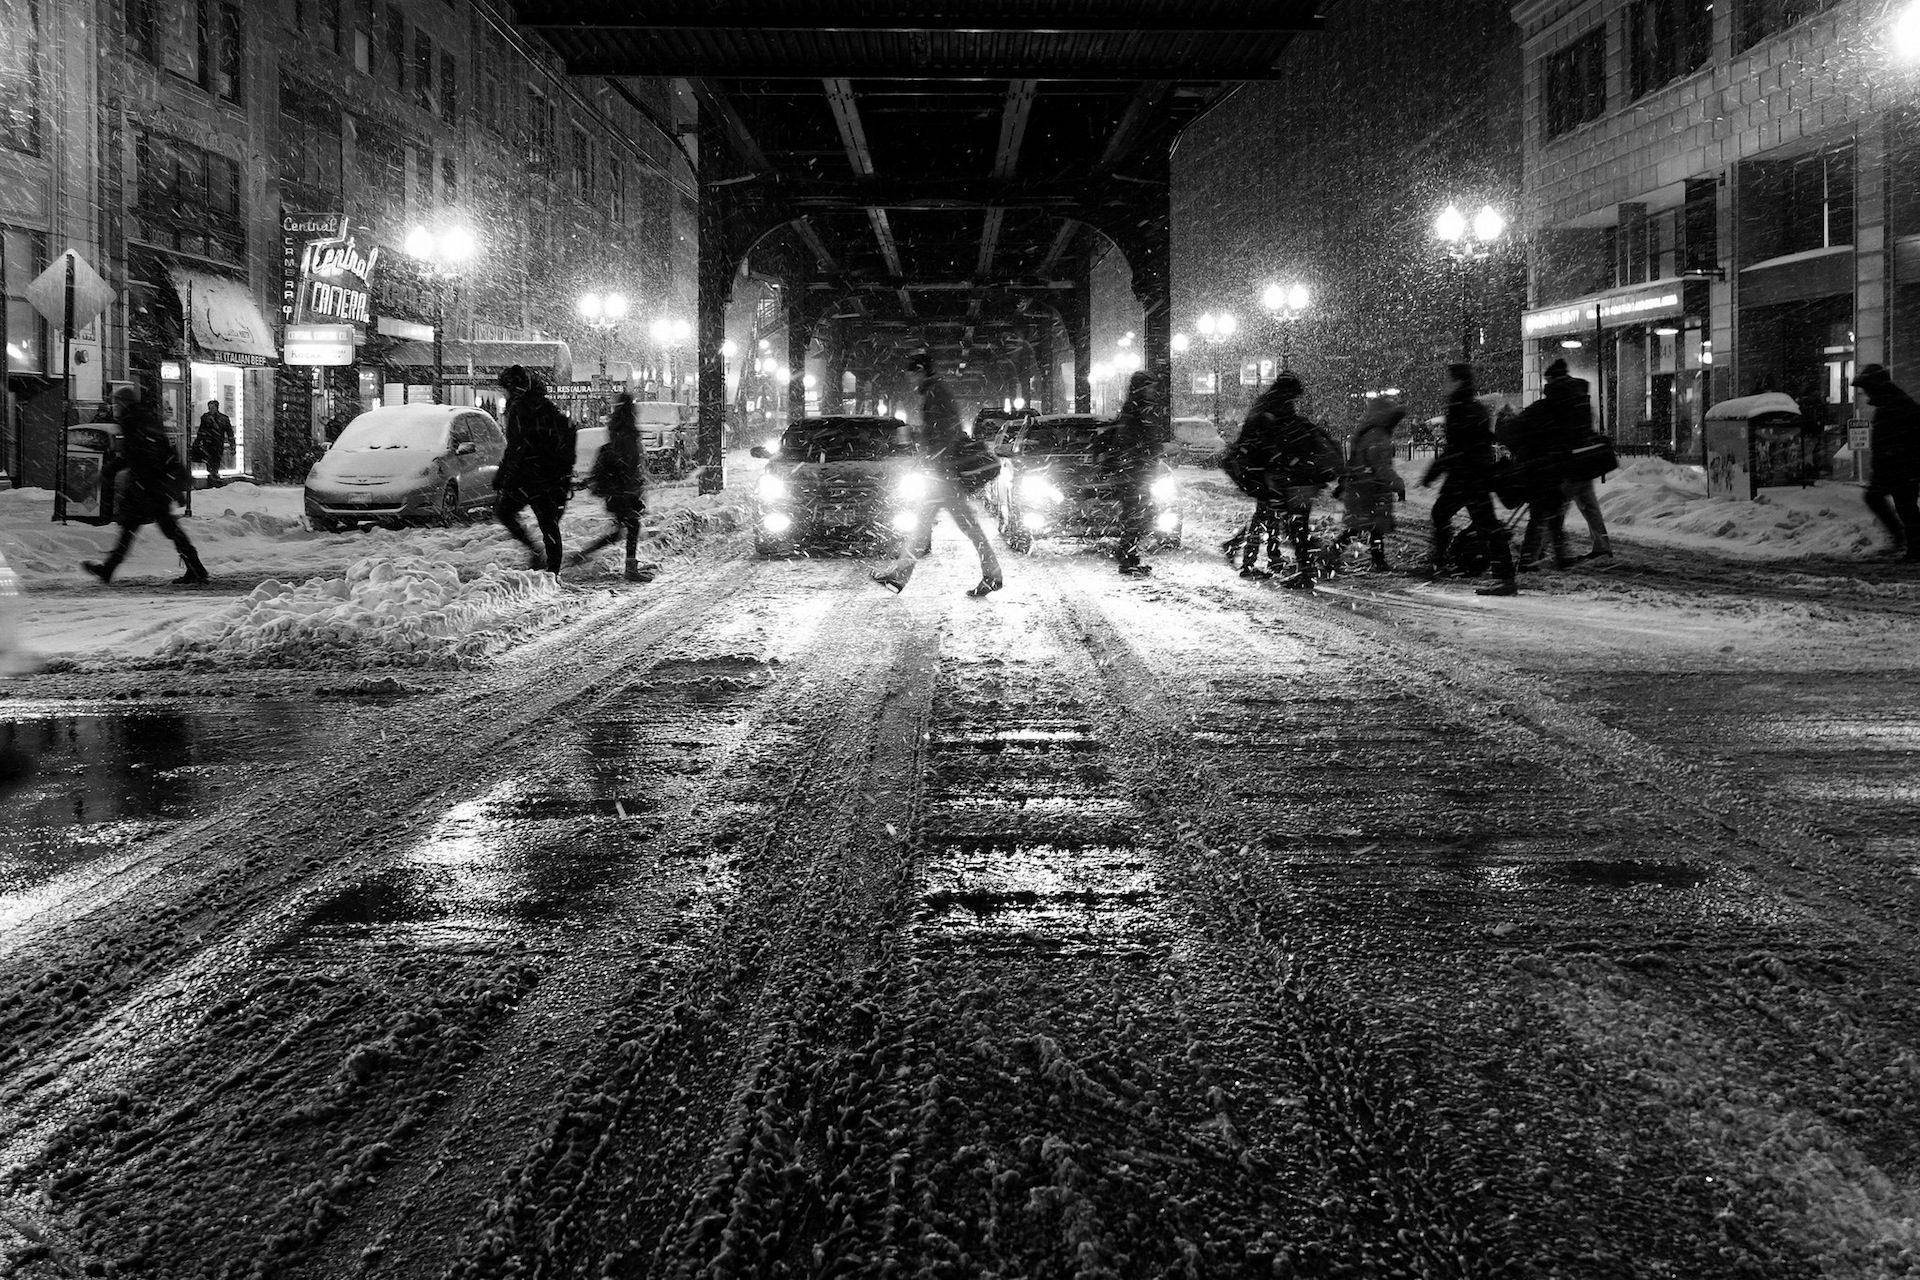 冬, 雪, 夜, ライト, 黒と白の - HD の壁紙 - 教授-falken.com